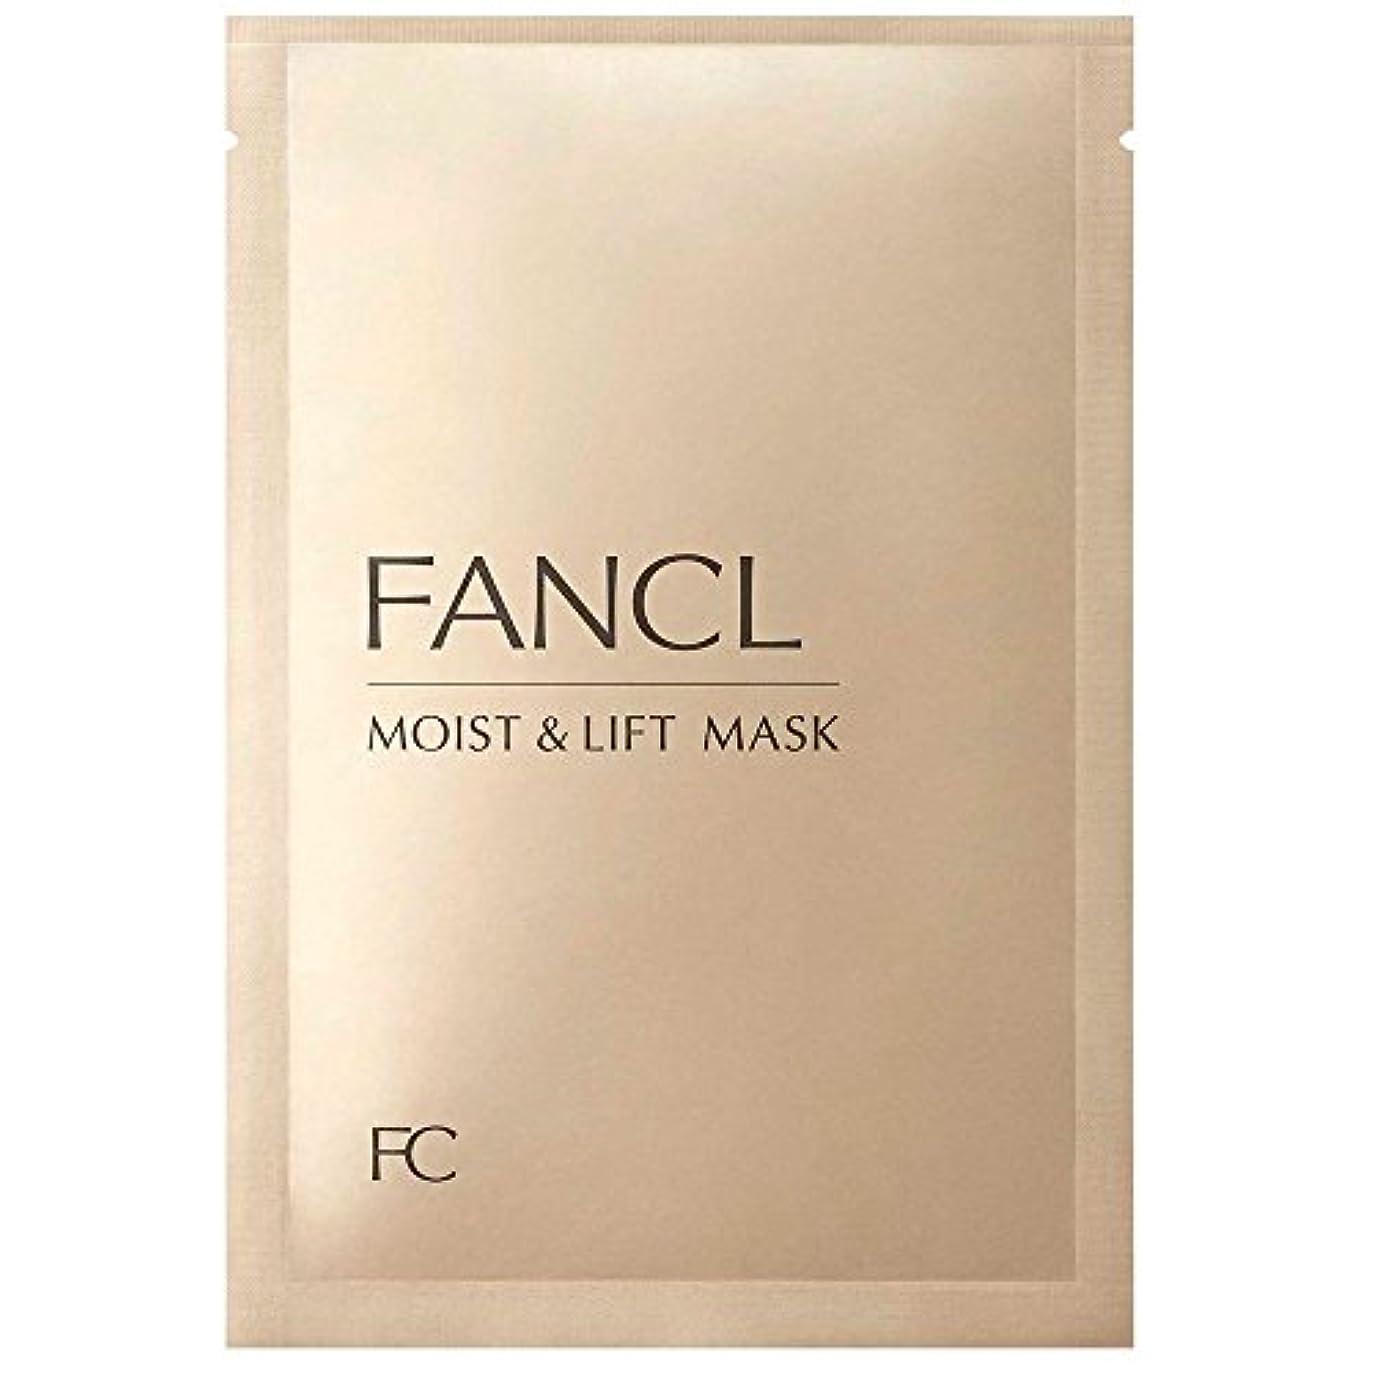 スーダン追放インフレーションファンケル(FANCL) モイスト&リフトマスク(M&L マスク)28mL×6枚